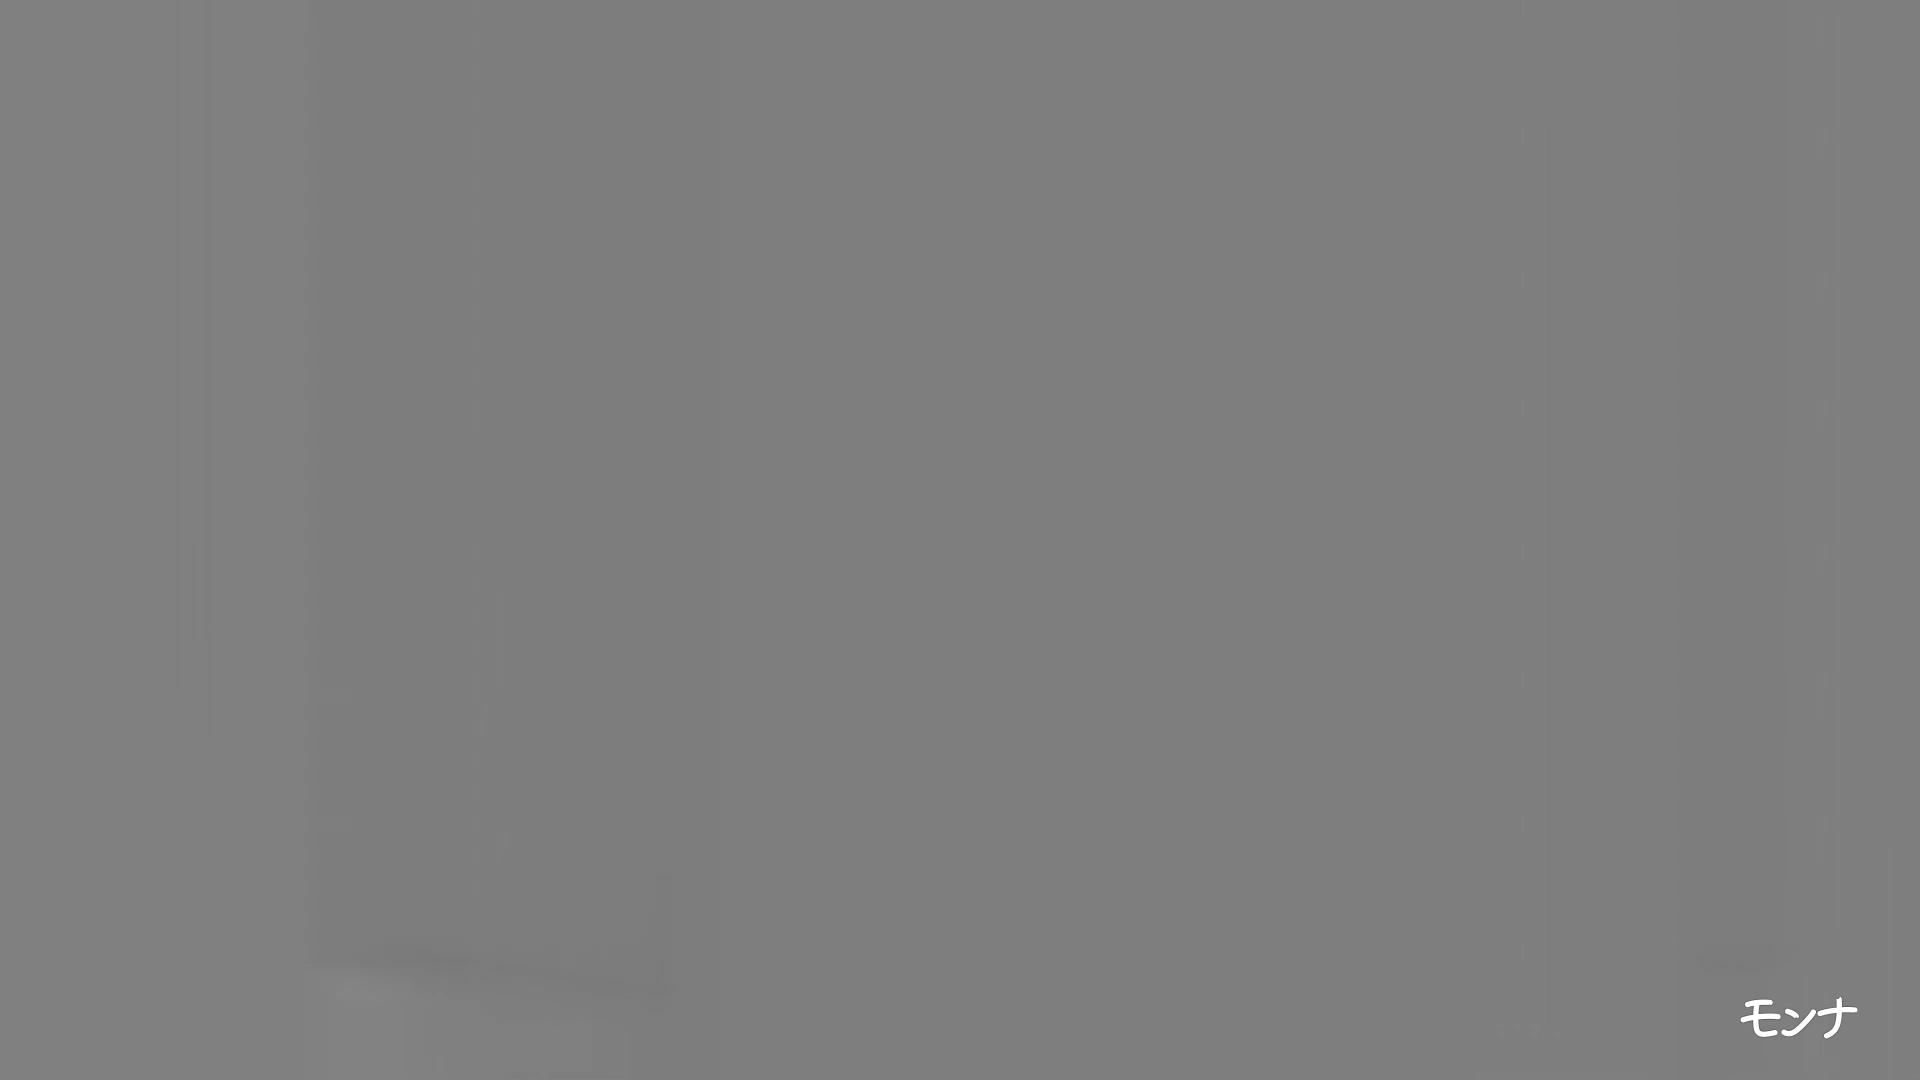 美しい日本の未来 No.38 久しぶり、復活しようかなあ?^^ by モンナ 覗き   ギャル・コレクション  84連発 2